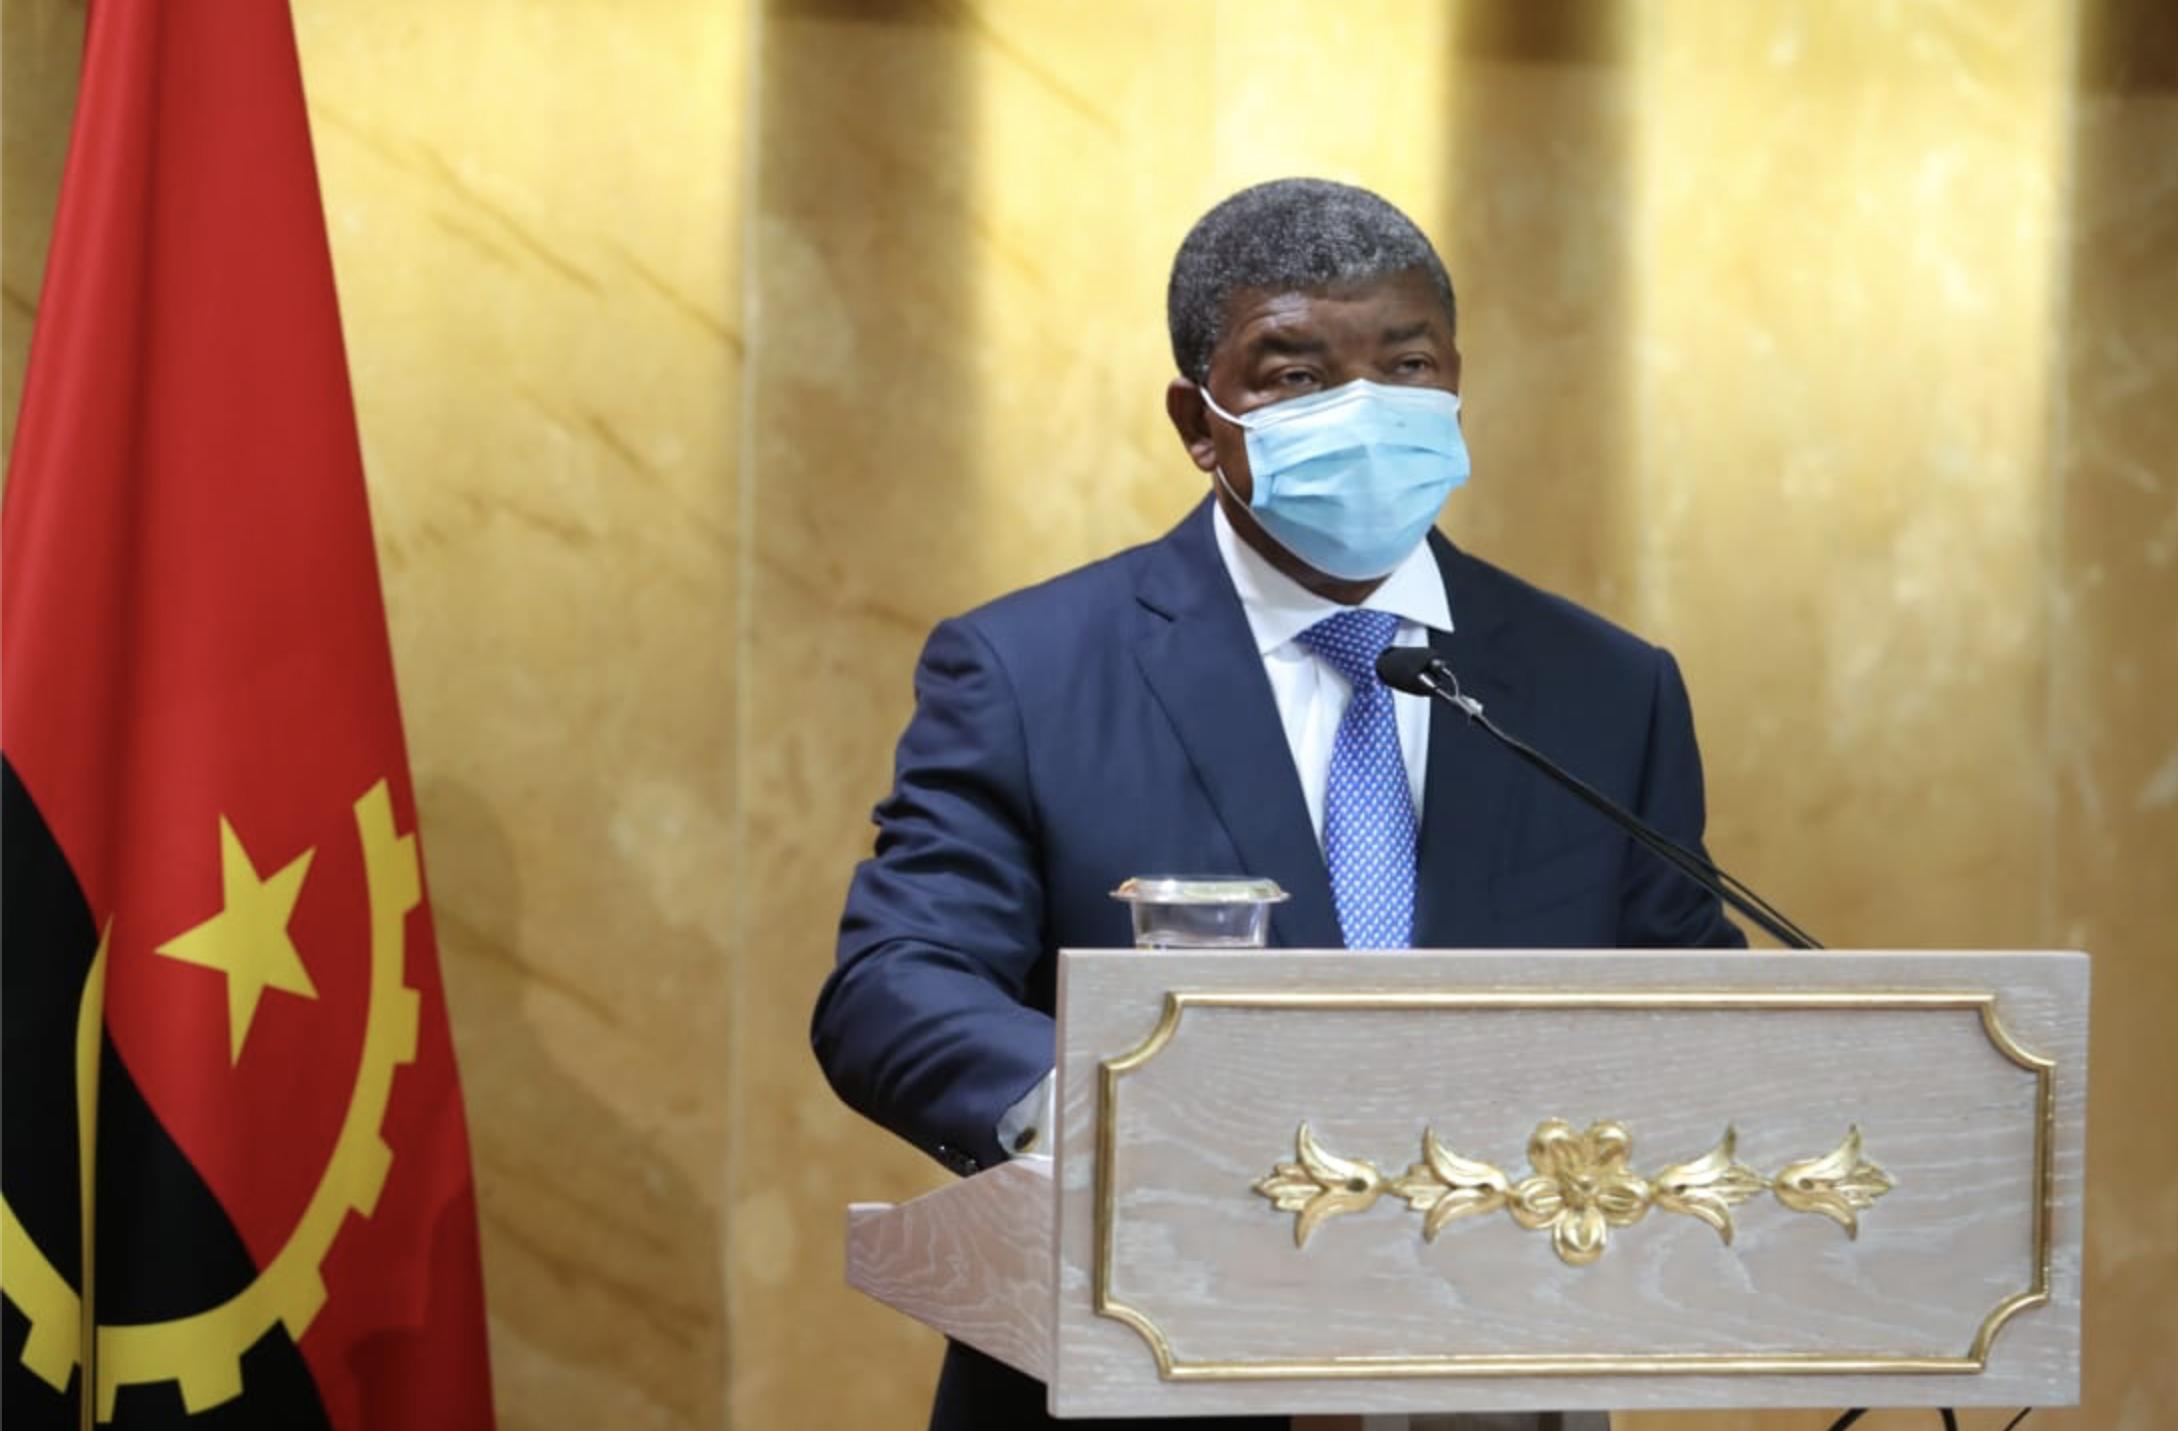 PR destaca actuação fiscalizadora do TC na redução da prática de corrupção